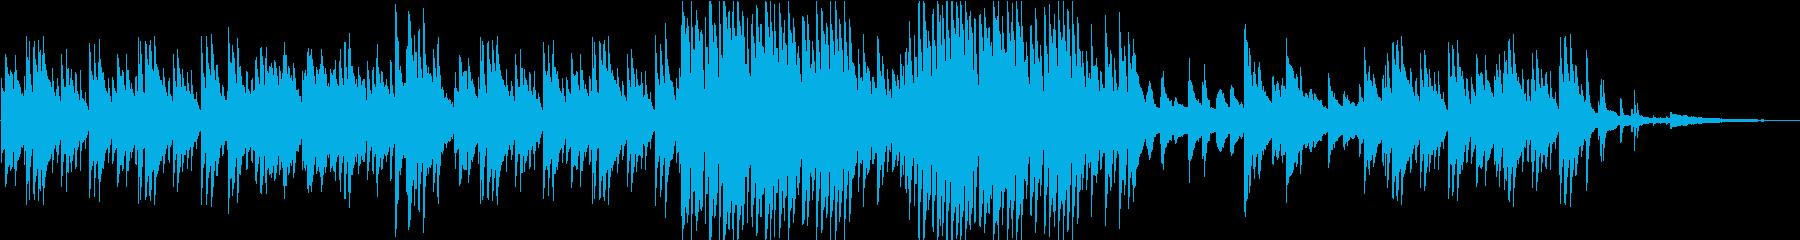 陰鬱な雰囲気のピアノ楽曲の再生済みの波形